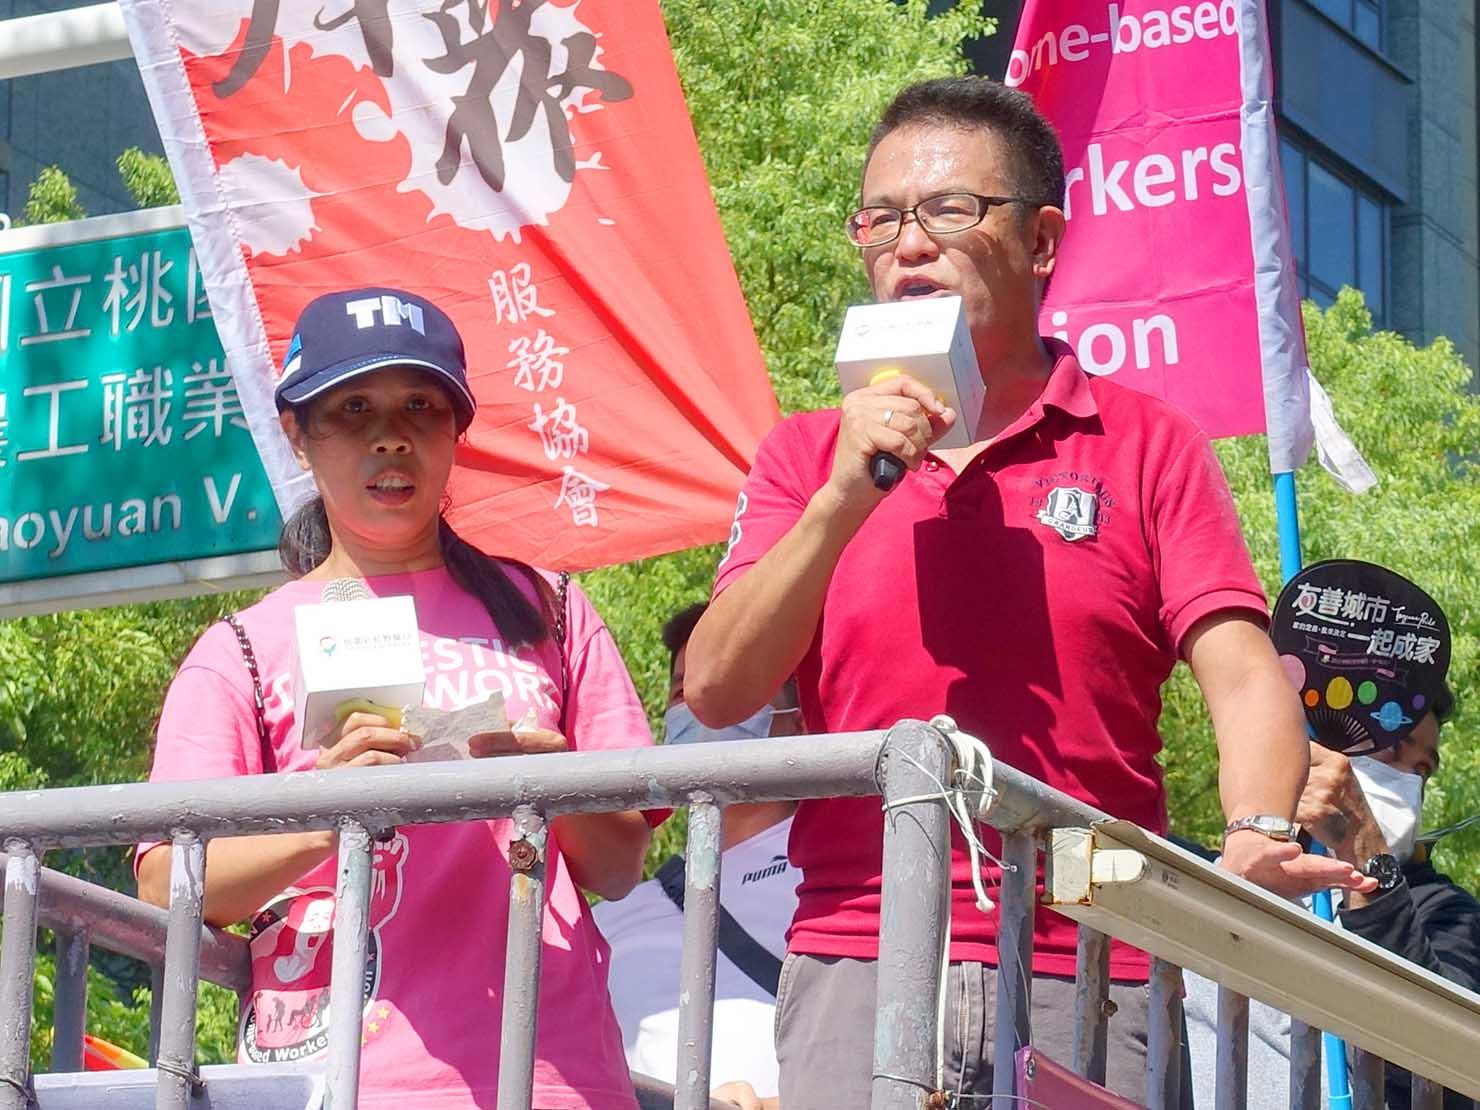 台湾・桃園のLGBTプライド「桃園彩虹野餐日」2020の先導車からスピーチを翻訳する男性